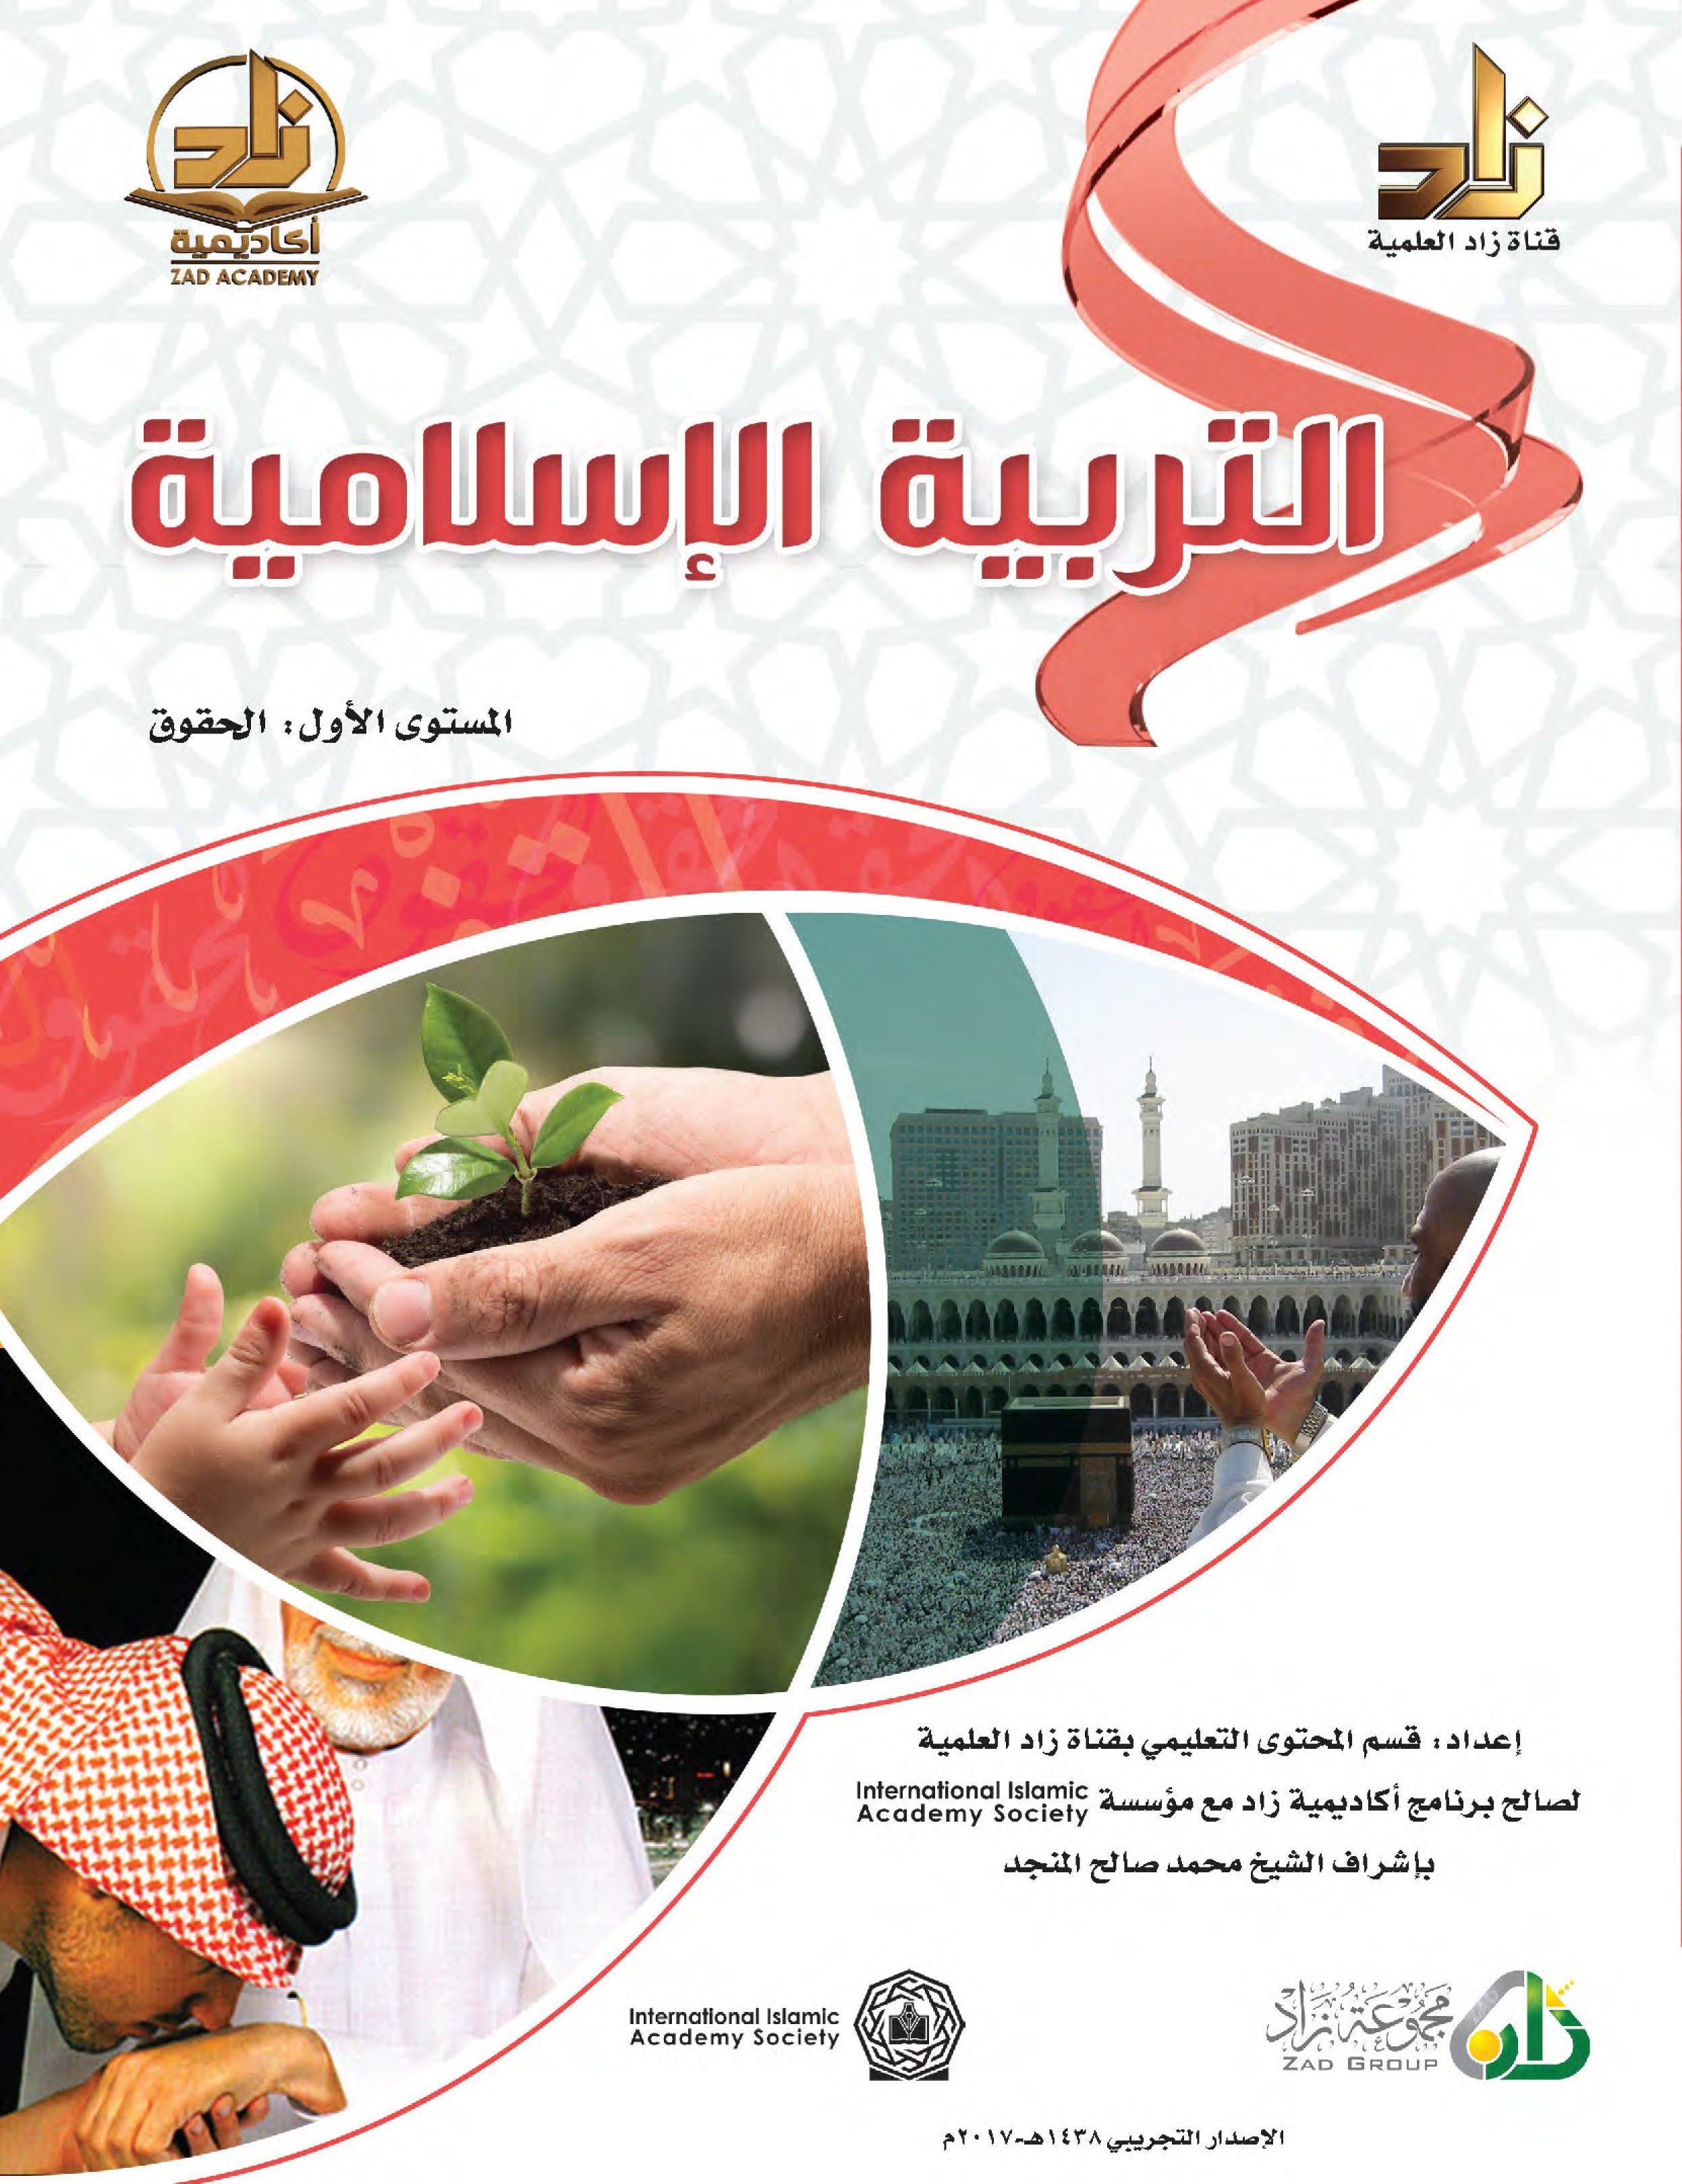 برنامج أكاديمية زاد - التربية الإسلامية (المستوى الأول)